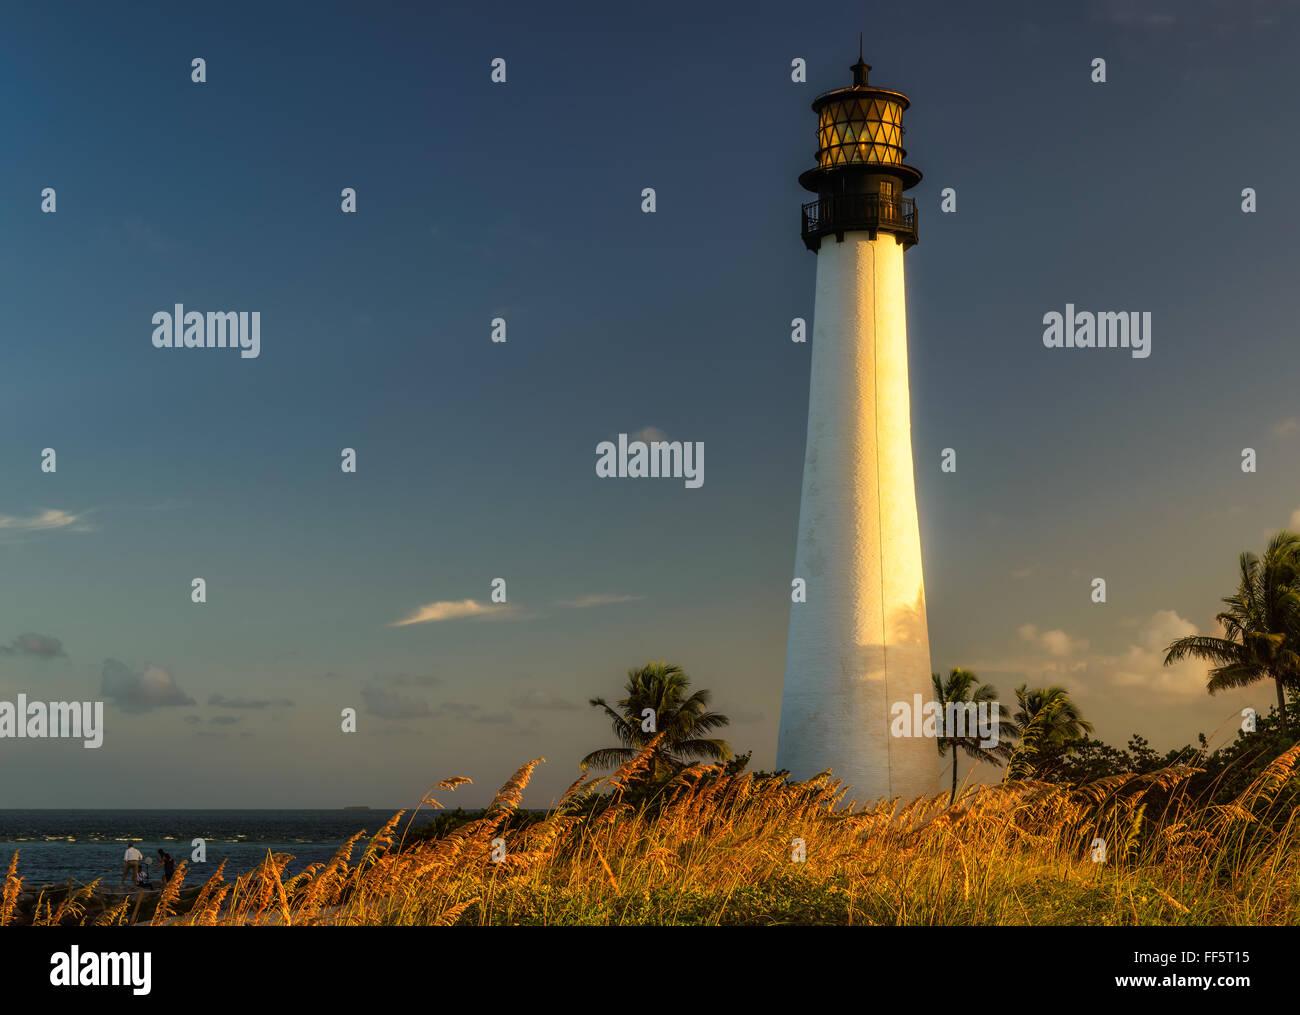 Berühmten Leuchtturm bei Sonnenuntergang am Cape Florida am südlichen Ende von Key Biscayne, Miami Stockbild